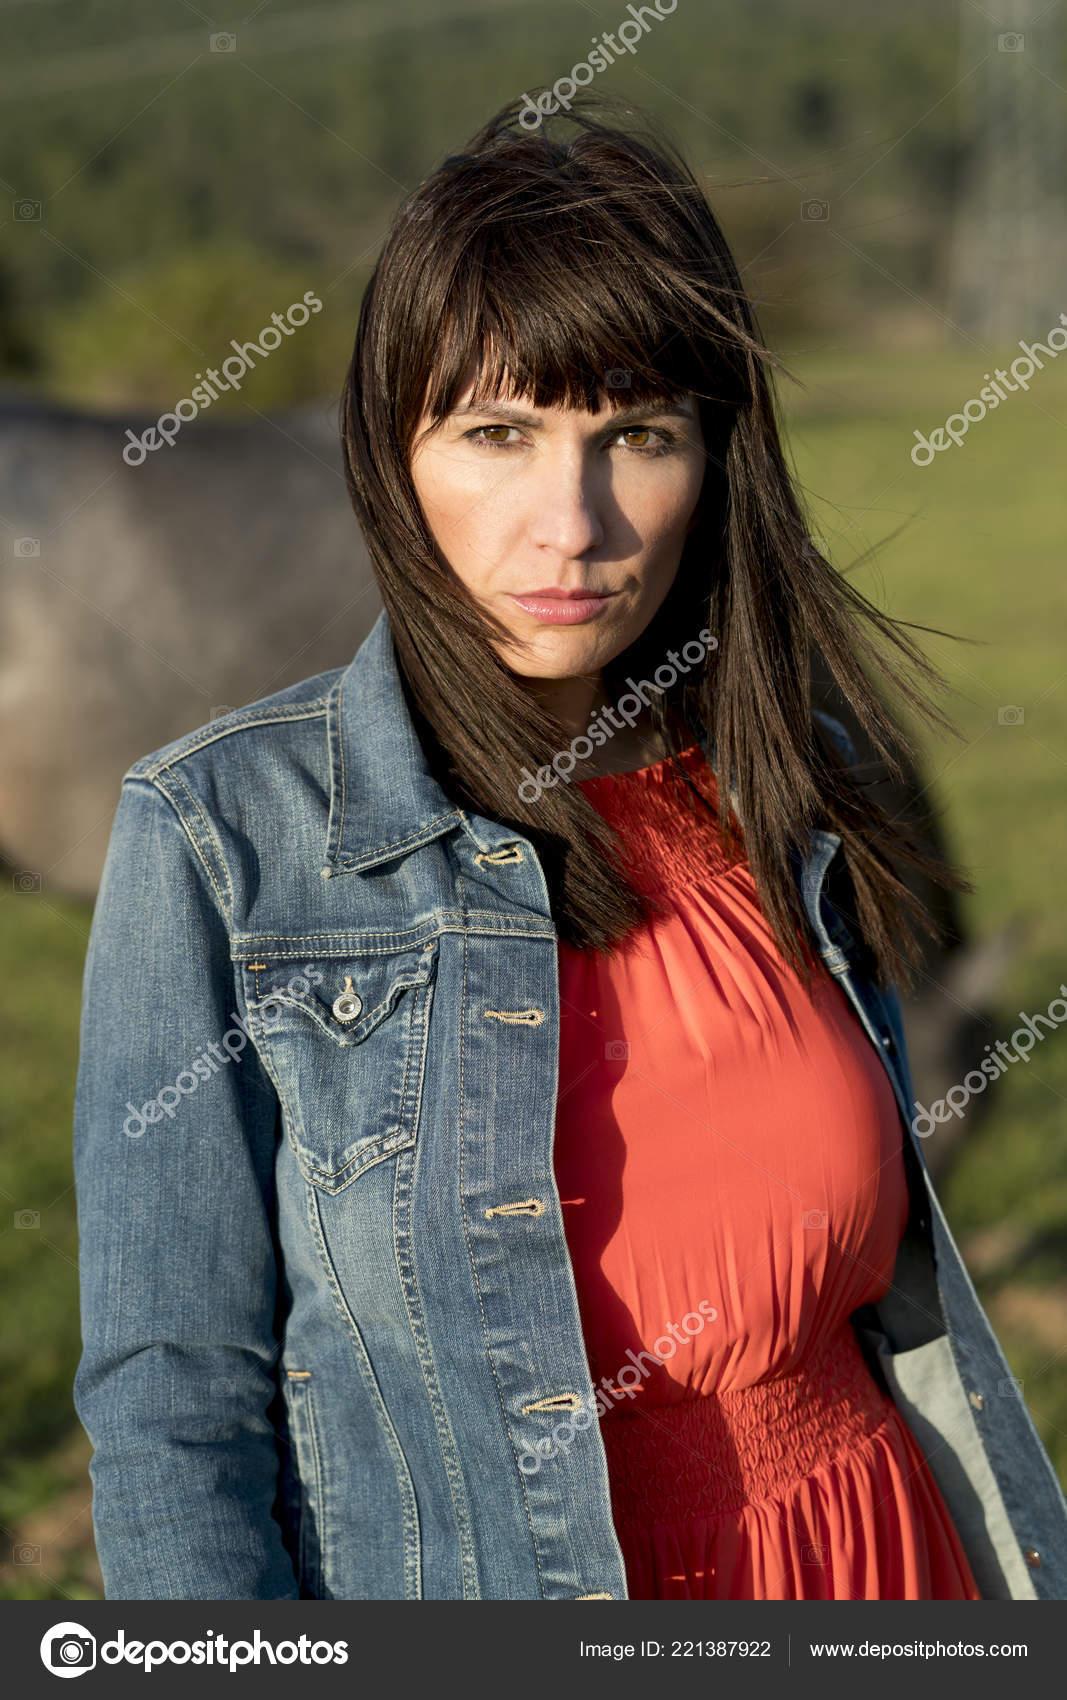 Pretty Woman Red Dress Denim Jacket Farm Stock Photo C Karras6079